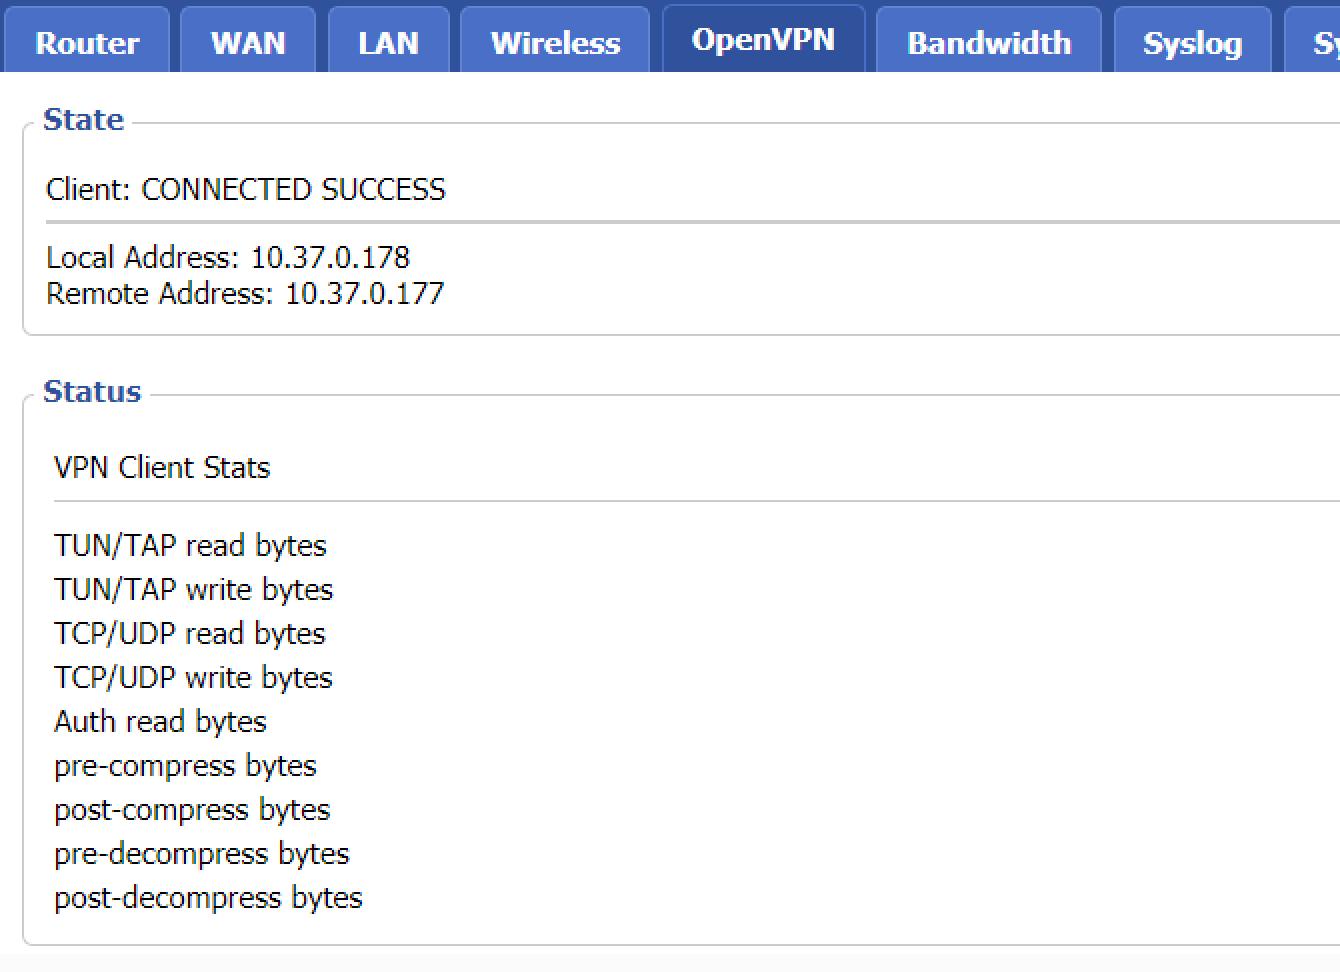 Votre connexion OpenVPN est réussie